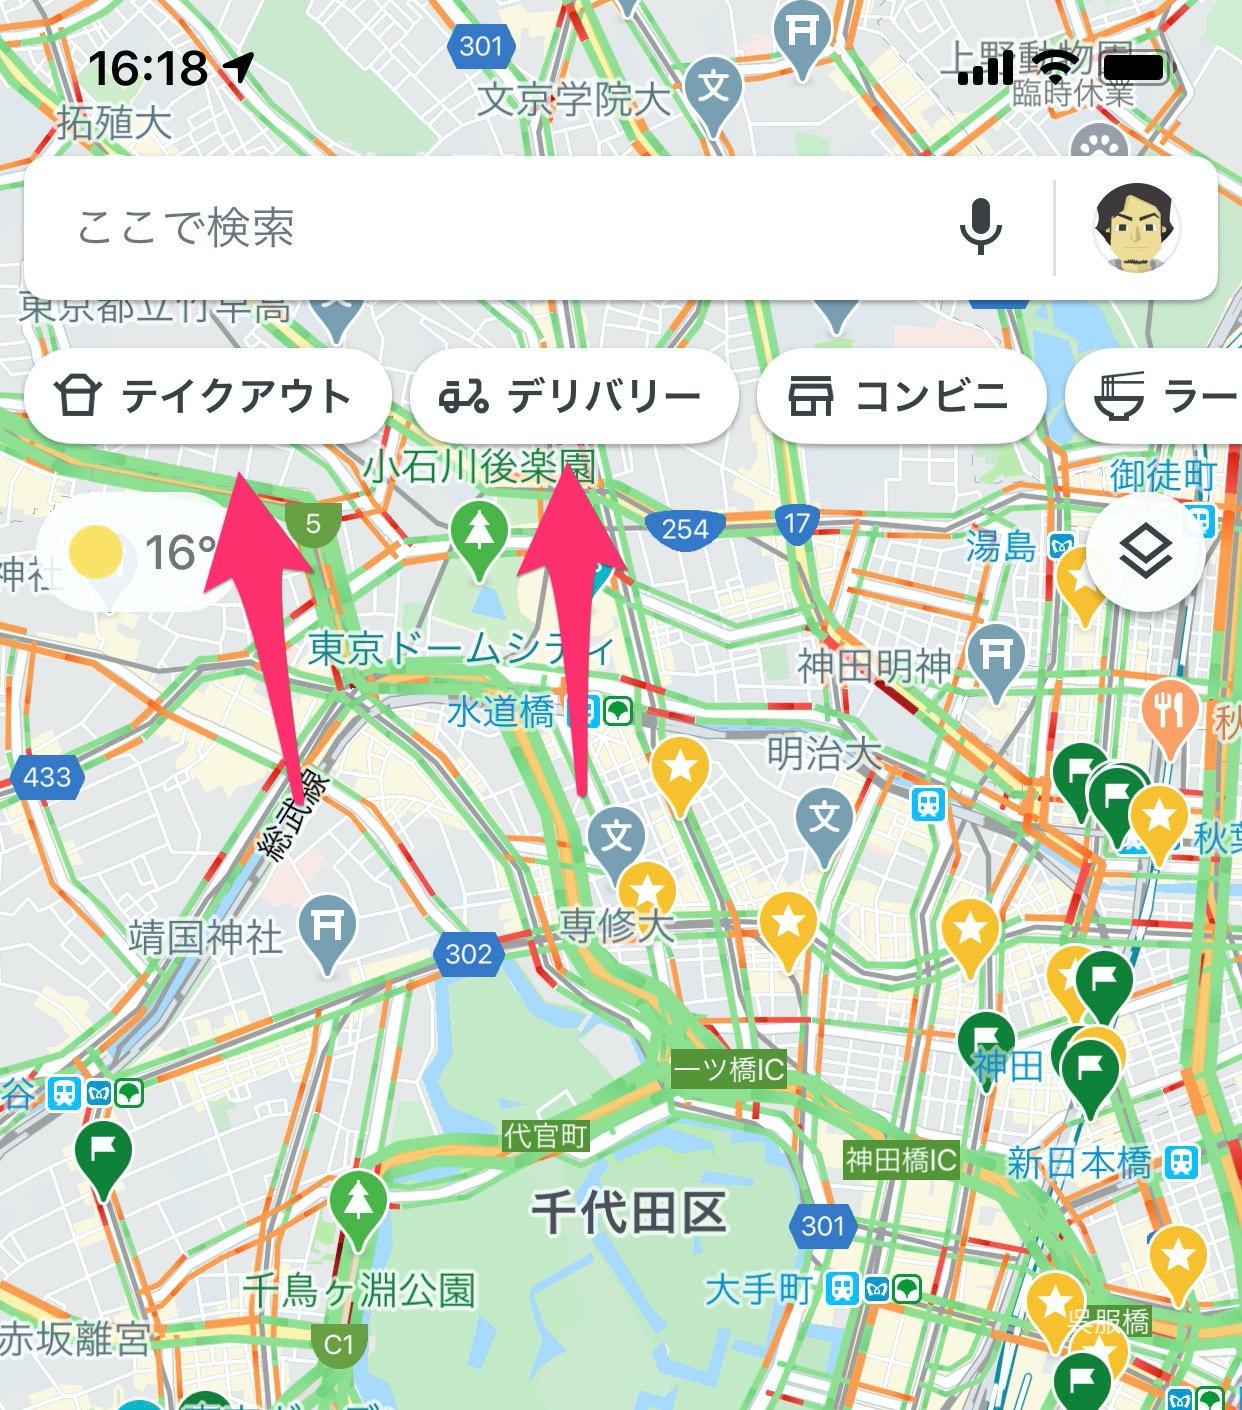 Googleマップの画面に「テイクアウト」「デリバリー」アイコンが表示 → 飲食店はGoogleマイビジネスのチェックを1